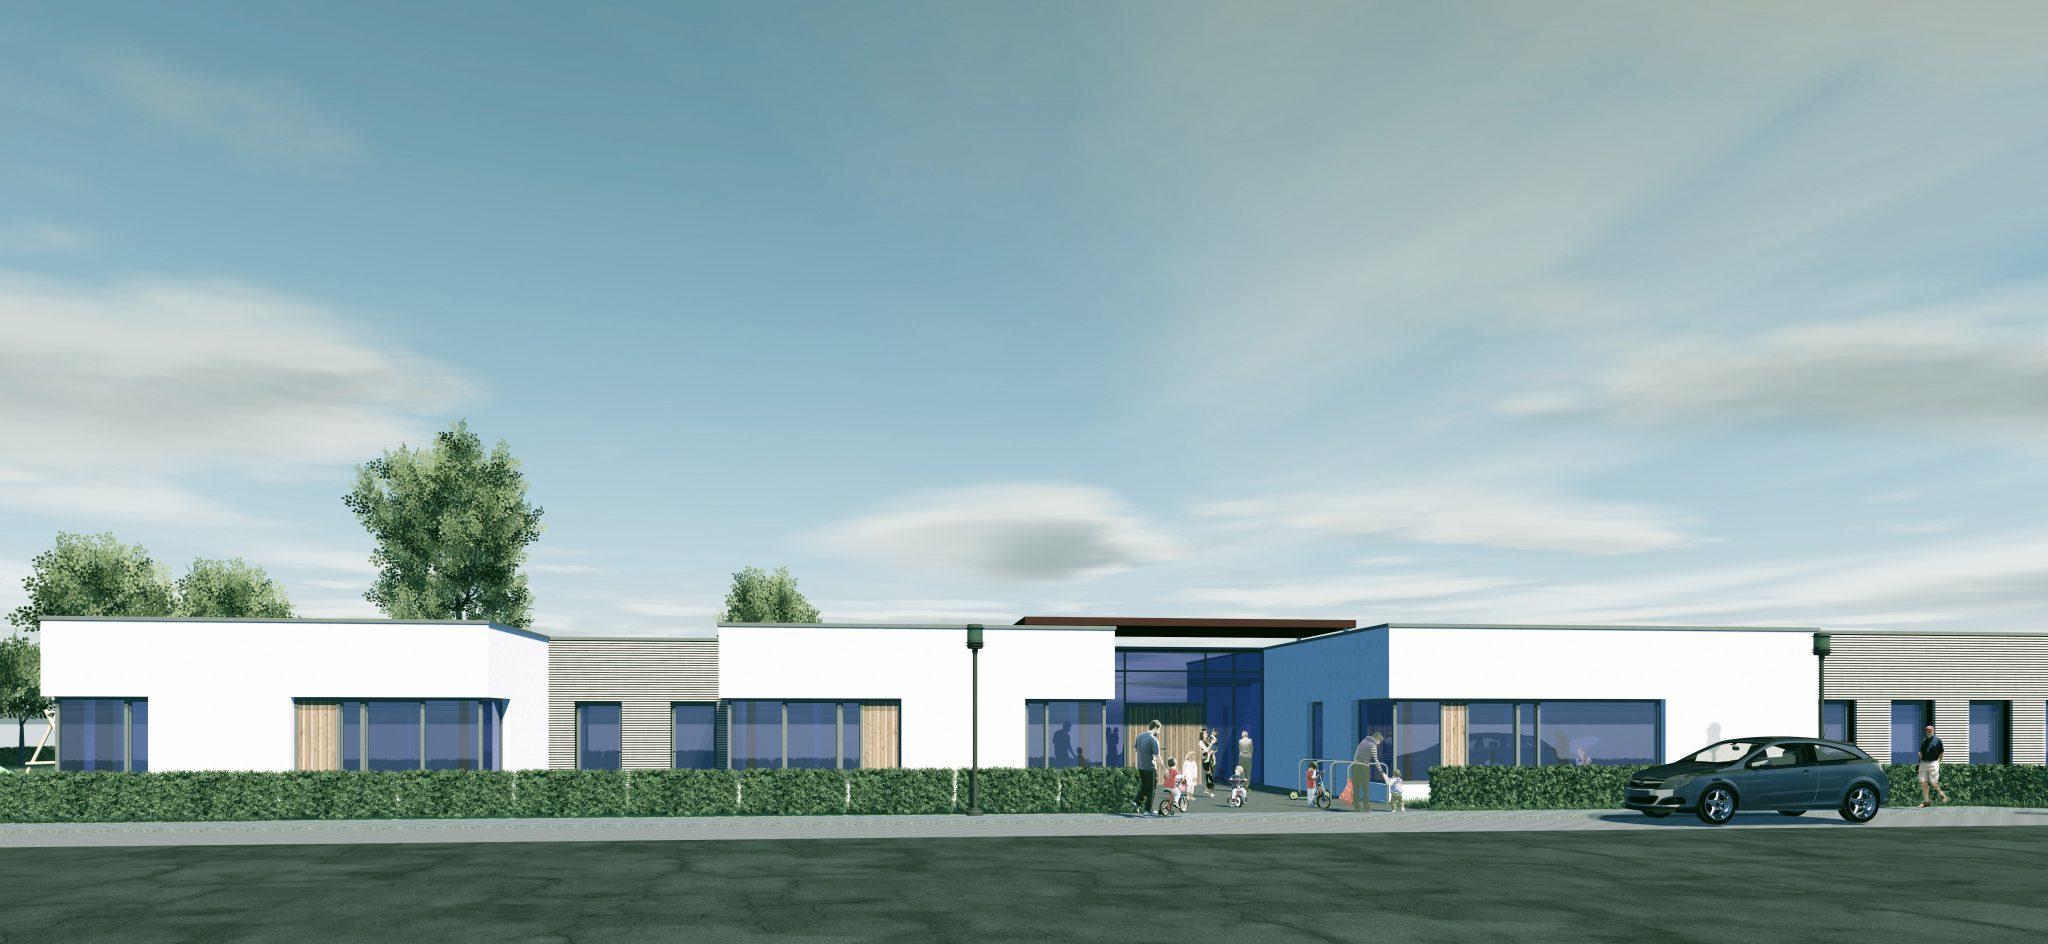 Eröffnung – Neubau Kindertagesstätte | 01.08.2020